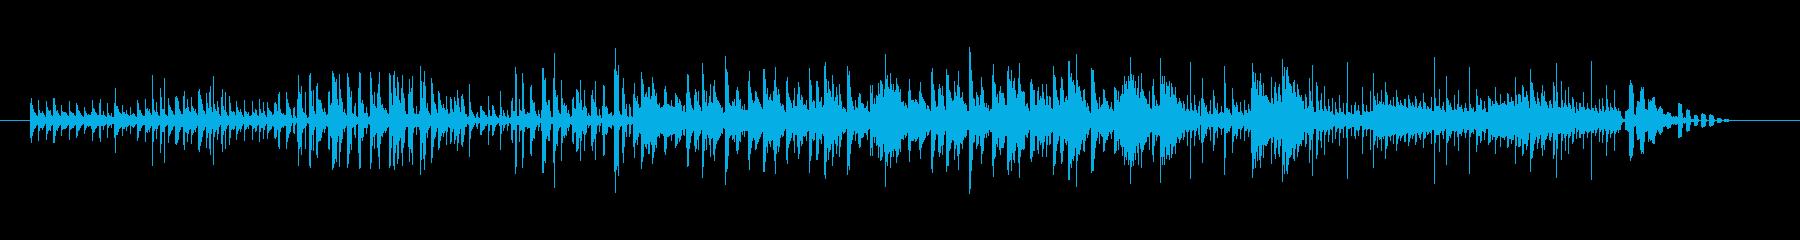 ダークでハイテクな雰囲気のメロディーの再生済みの波形